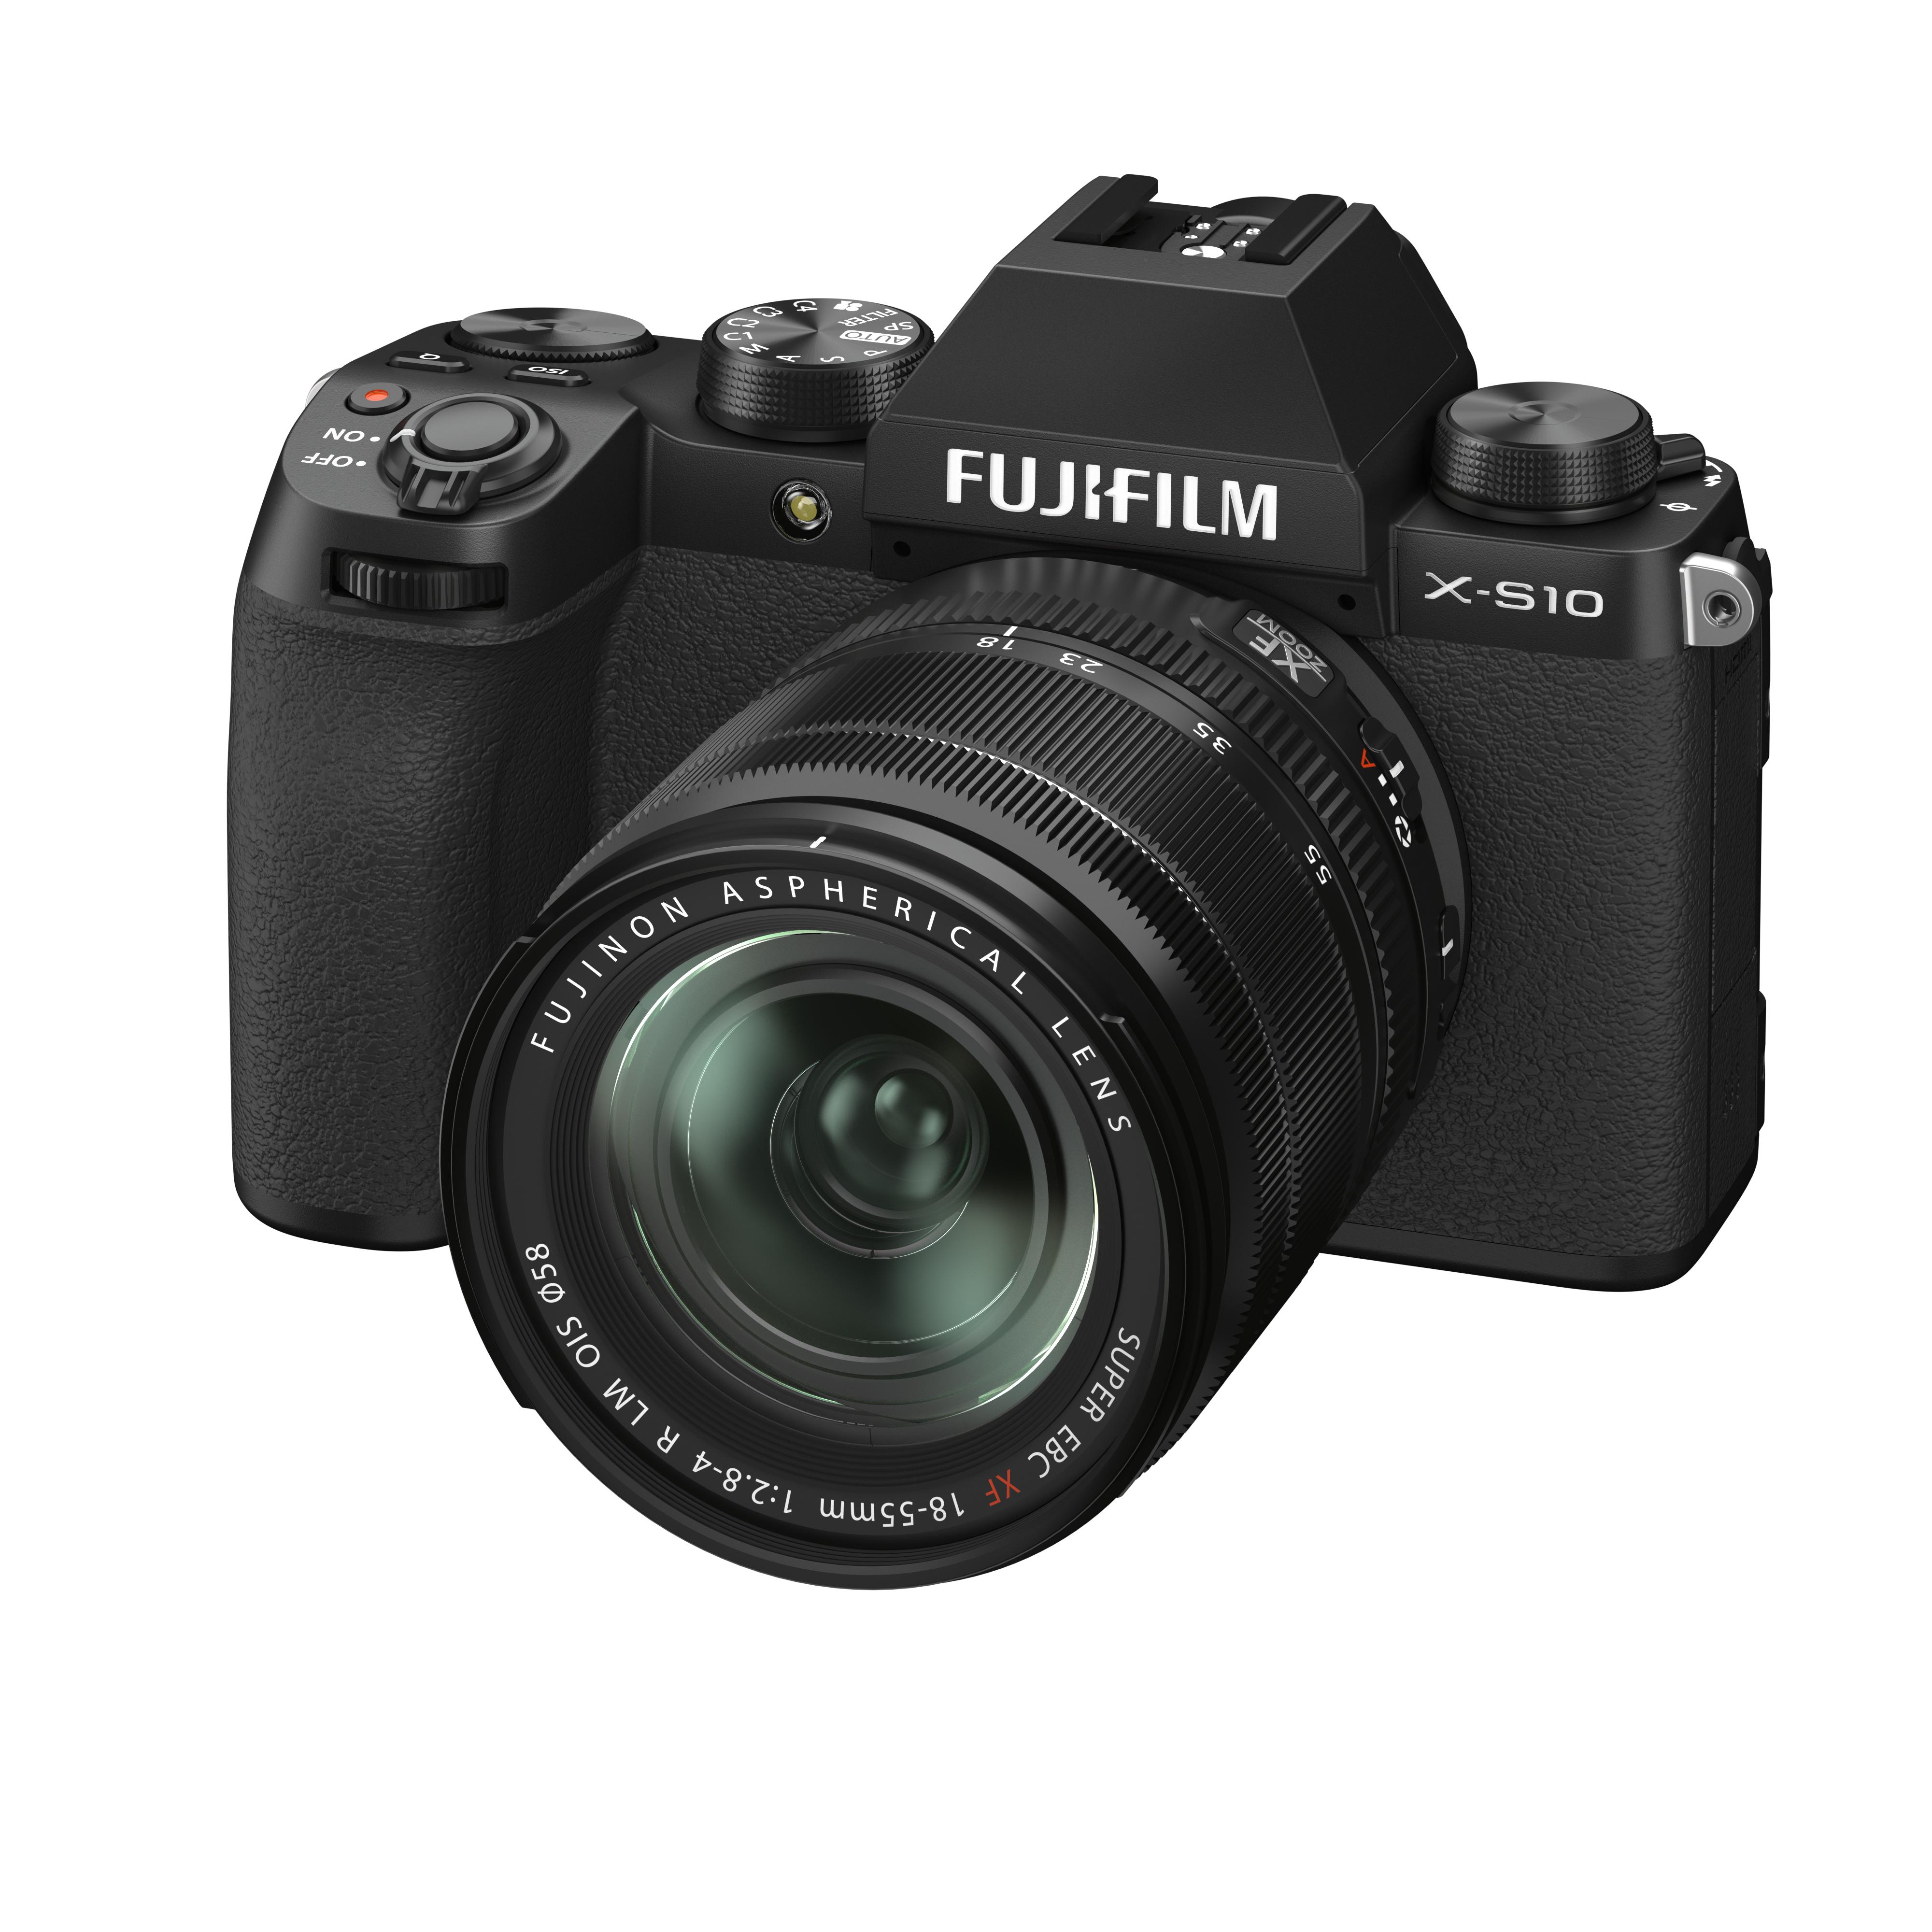 Fujifilm X-S10 Kit mit 18-55 mm 1:2,8-4